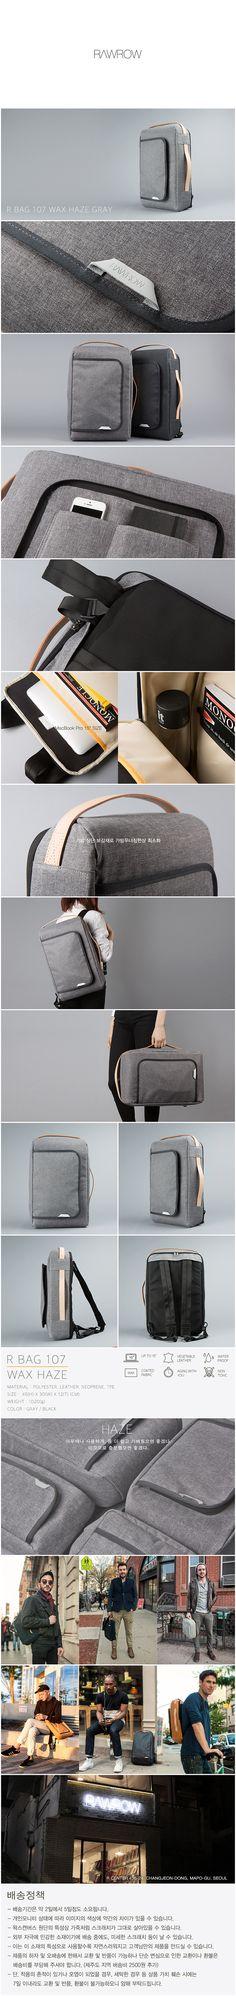 no gusta mucho a las chicas que pregunte pero a mi me parece funcional el hecho que sea mochila , cartera y bolso , tres funciones de las asas